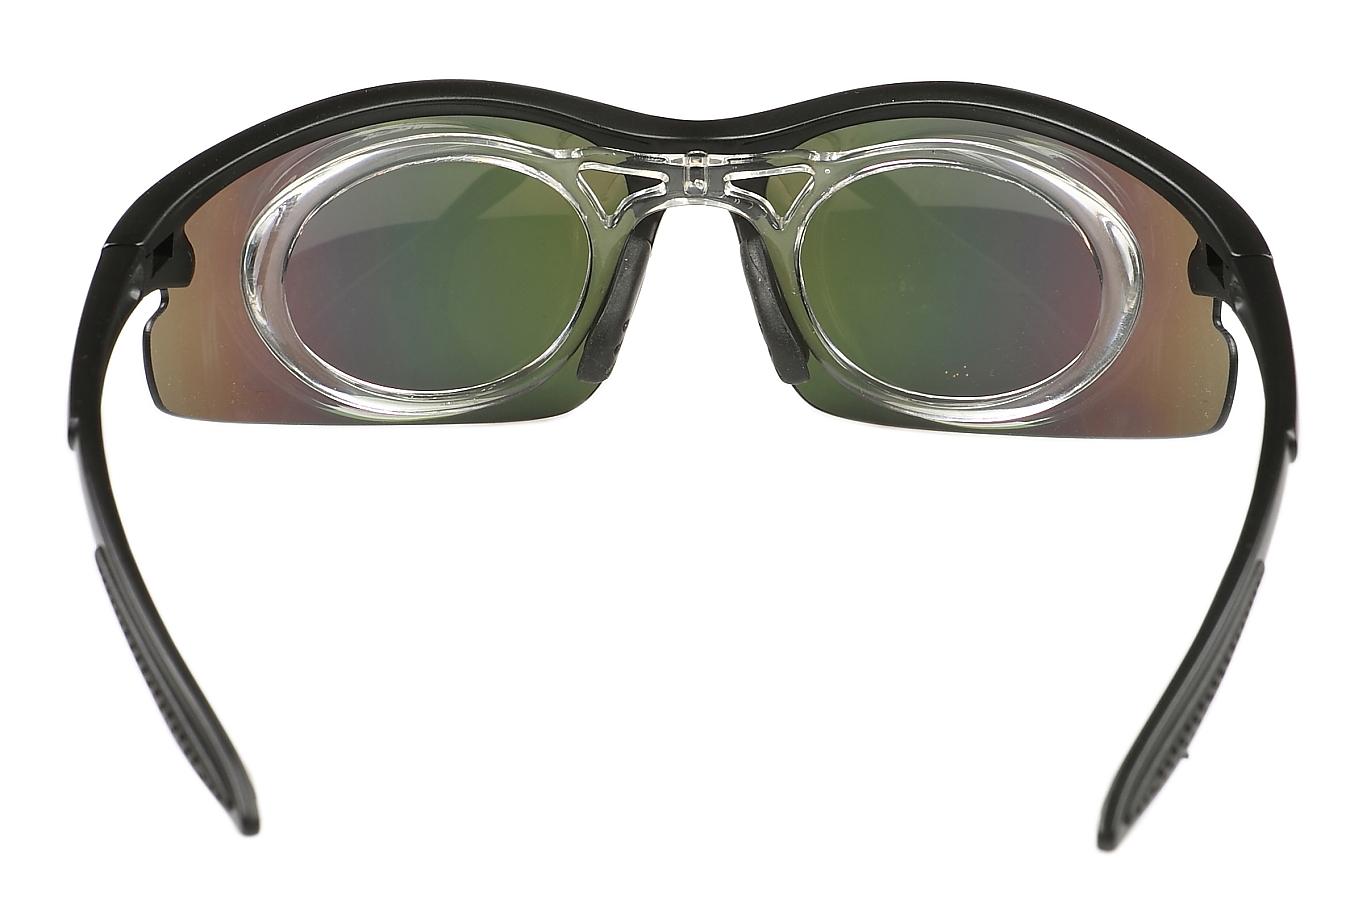 Купить очки гуглес на юле в орск алюминиевый кейс mavic combo самостоятельно